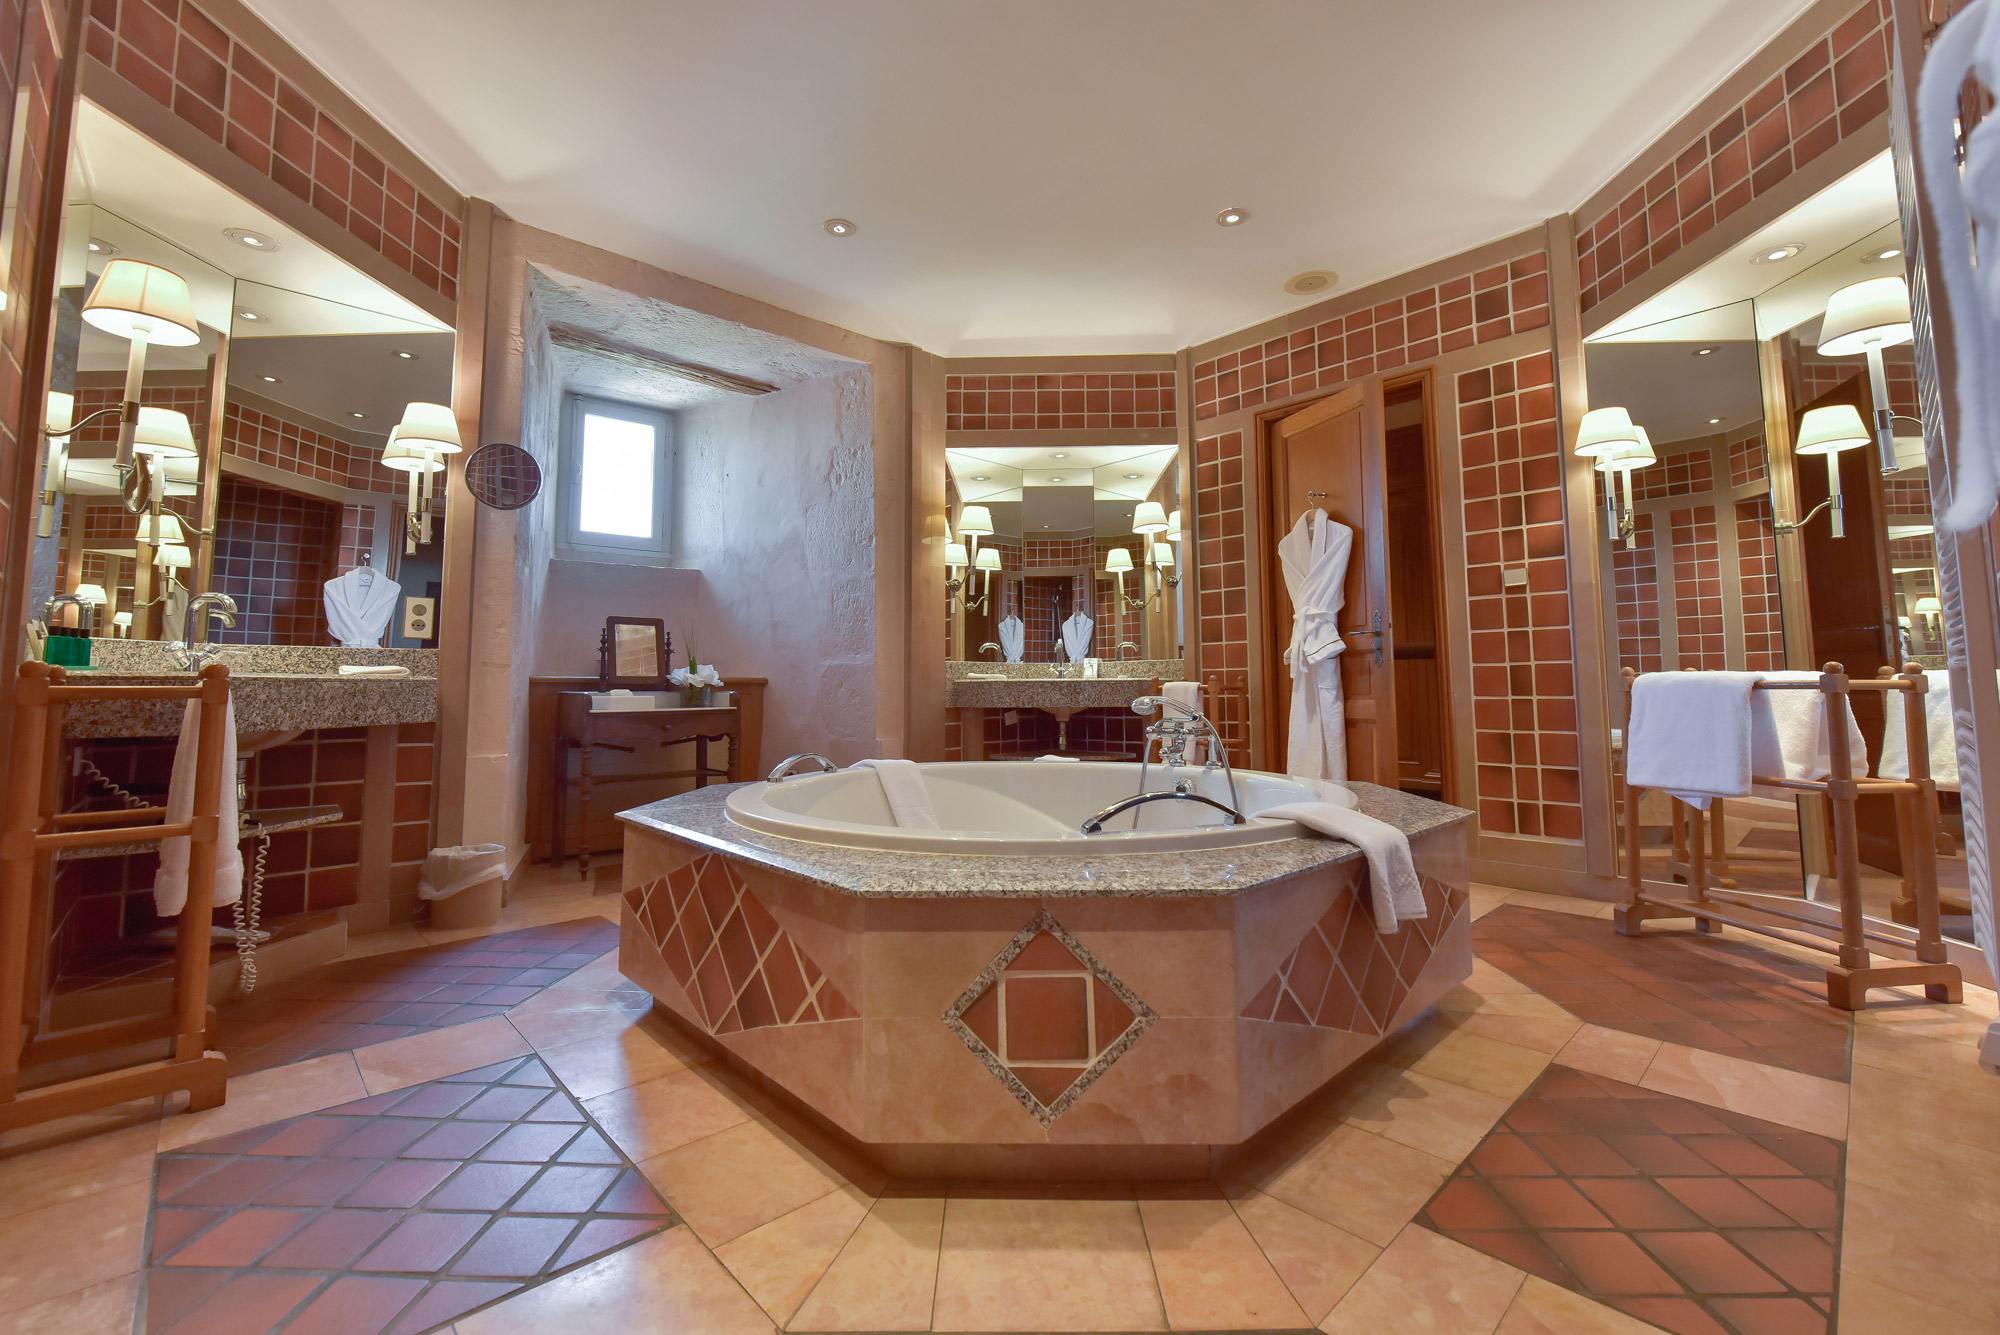 Salle de bains spacieuse avec vasque en marbre et baignoire centrale à l'Hôtel Golf Château de Chailly